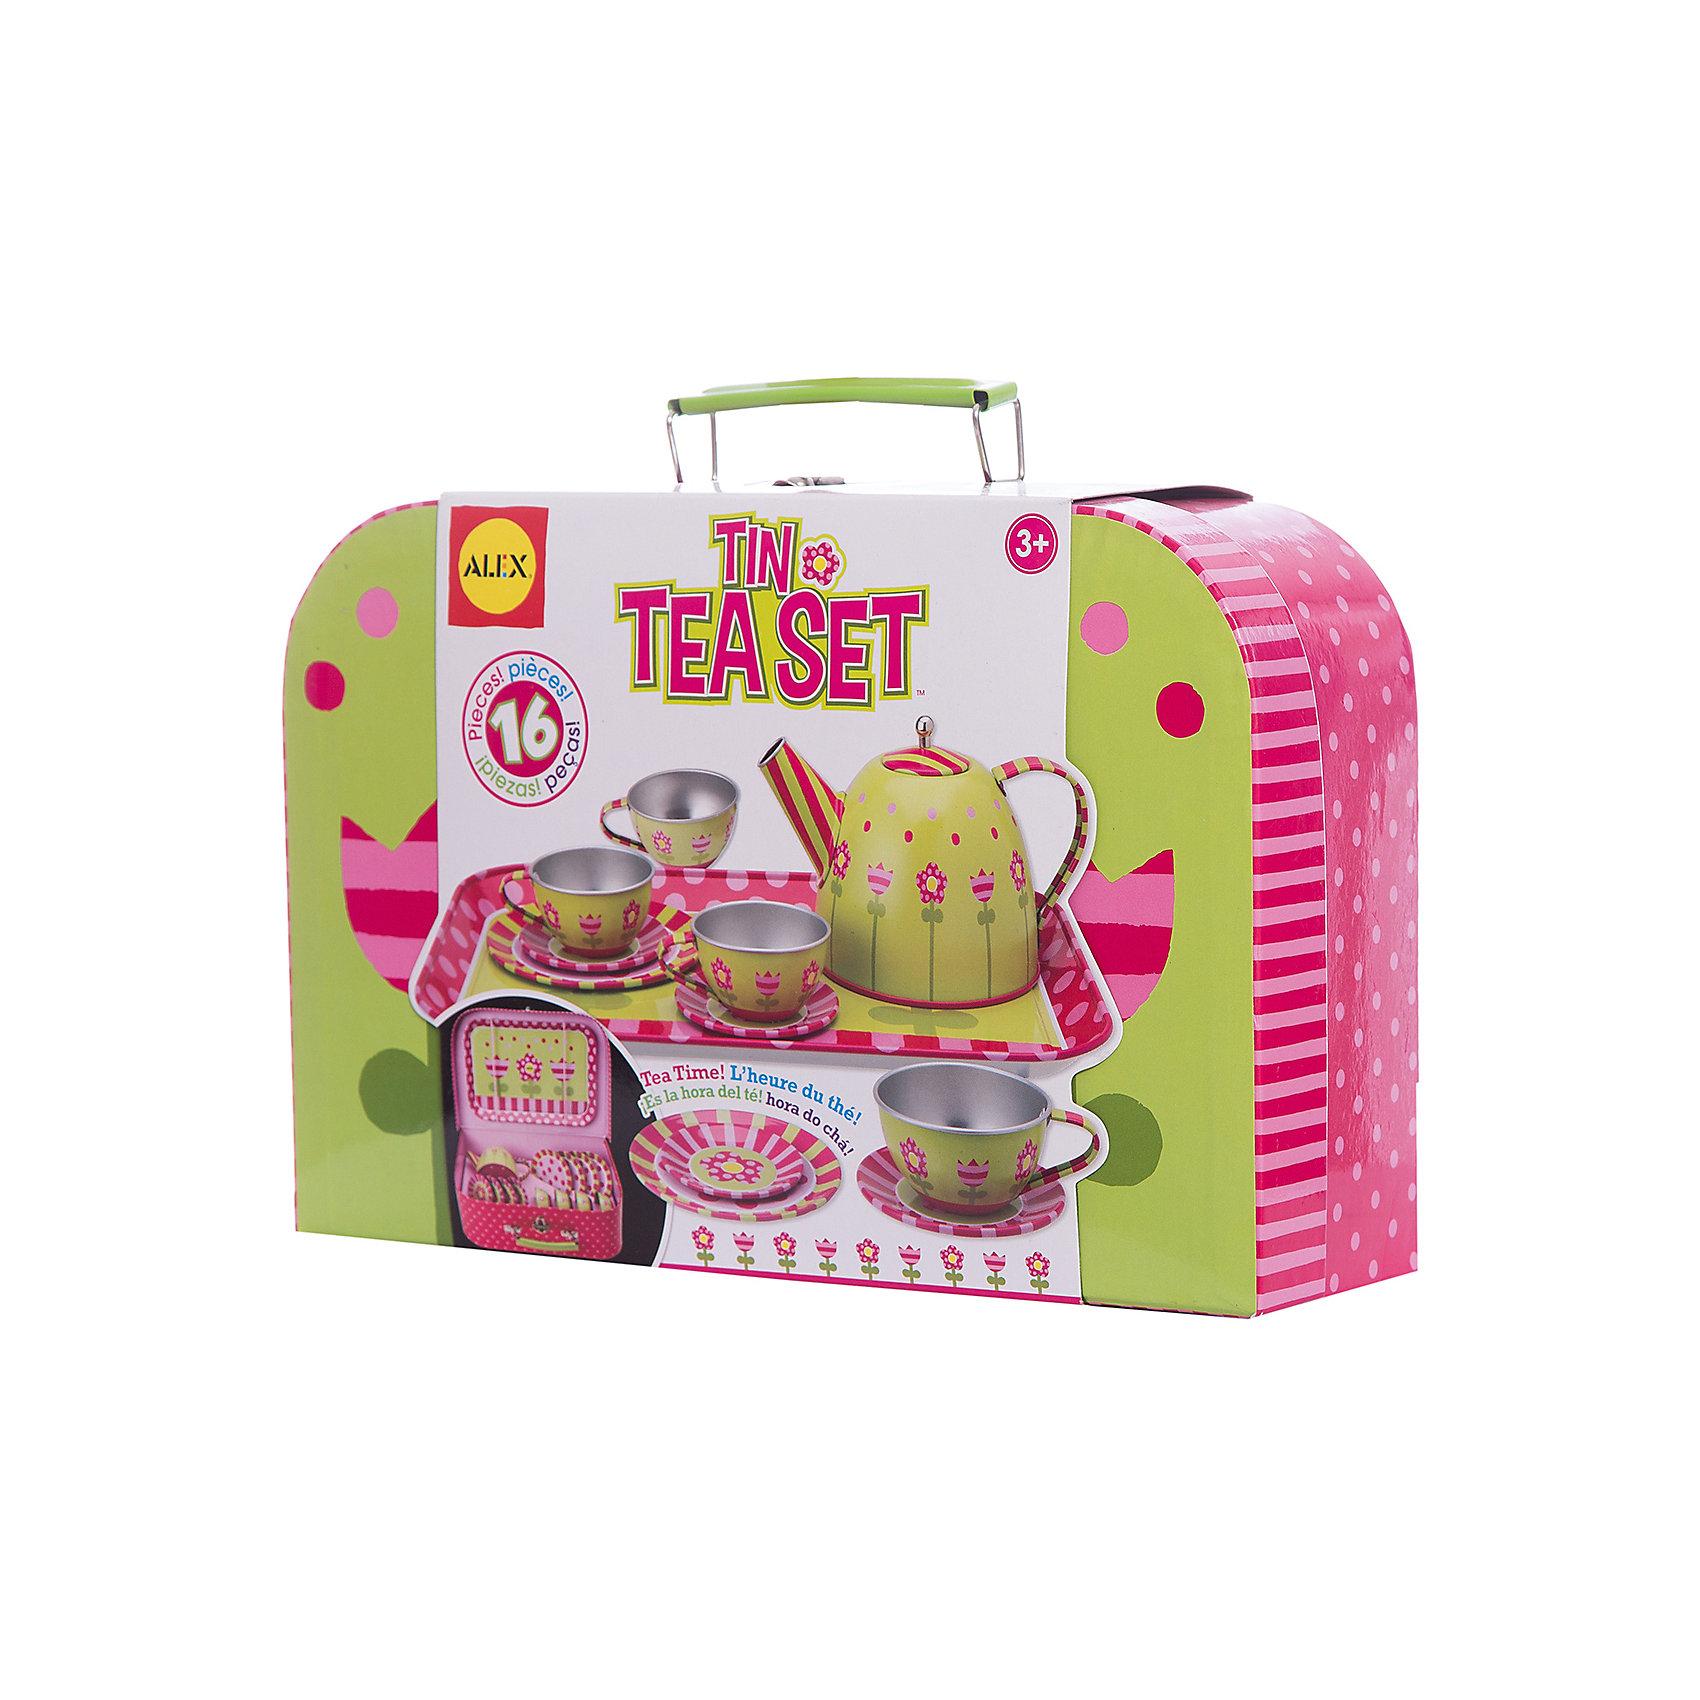 ALEX Чайный сервиз металлический Весна, ALEX alex alex посуда игрушечная chasing butterflies ceramic tea set поймай бабочку 13 предметов